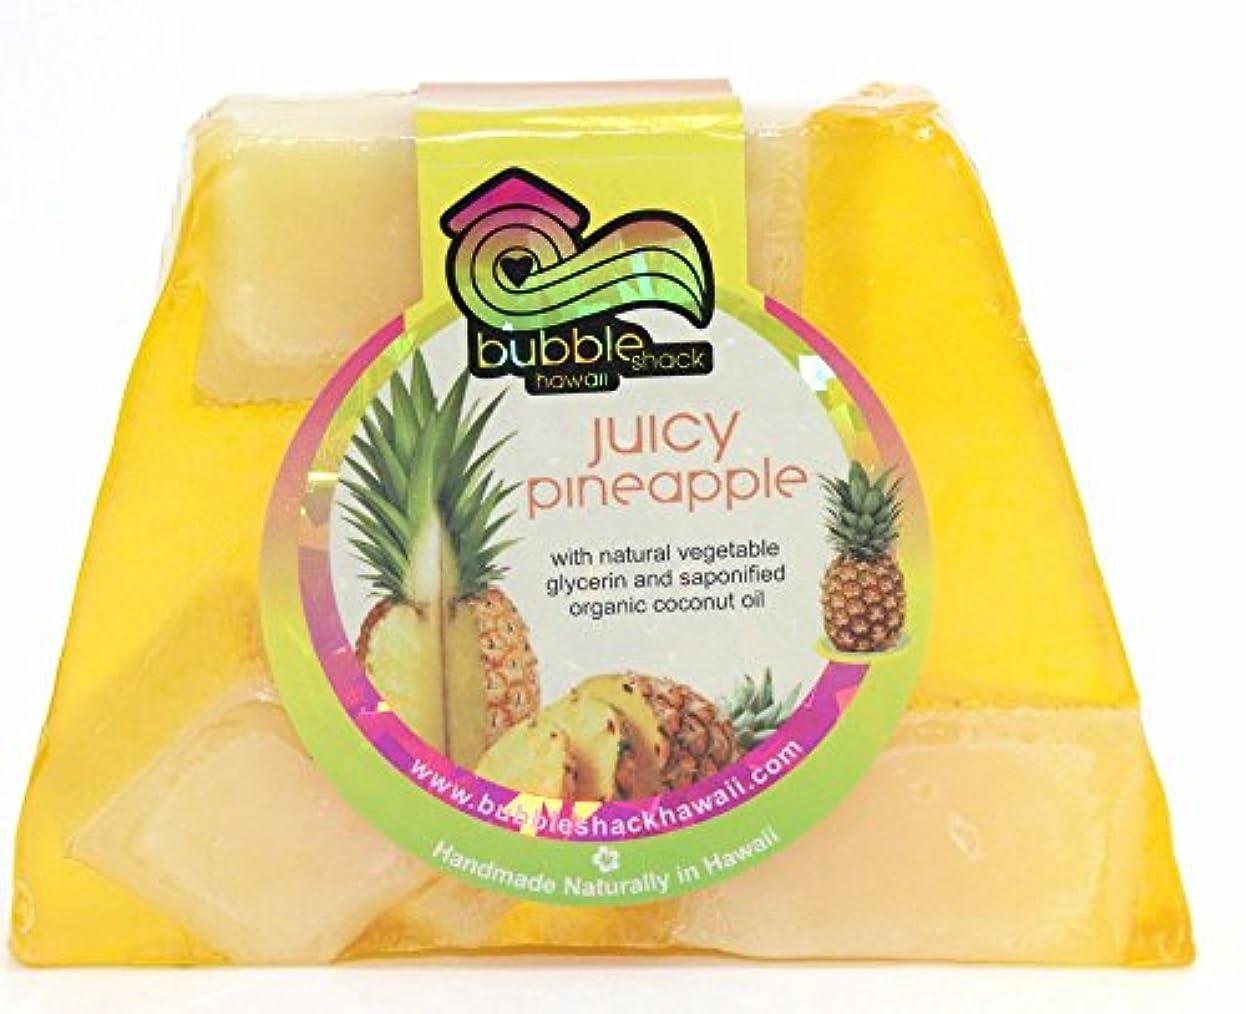 リブ攻撃的そうハワイ お土産 ハワイアン雑貨 バブルシャック パイナップル チャンクソープ 石鹸 (パイナップル) ハワイ雑貨